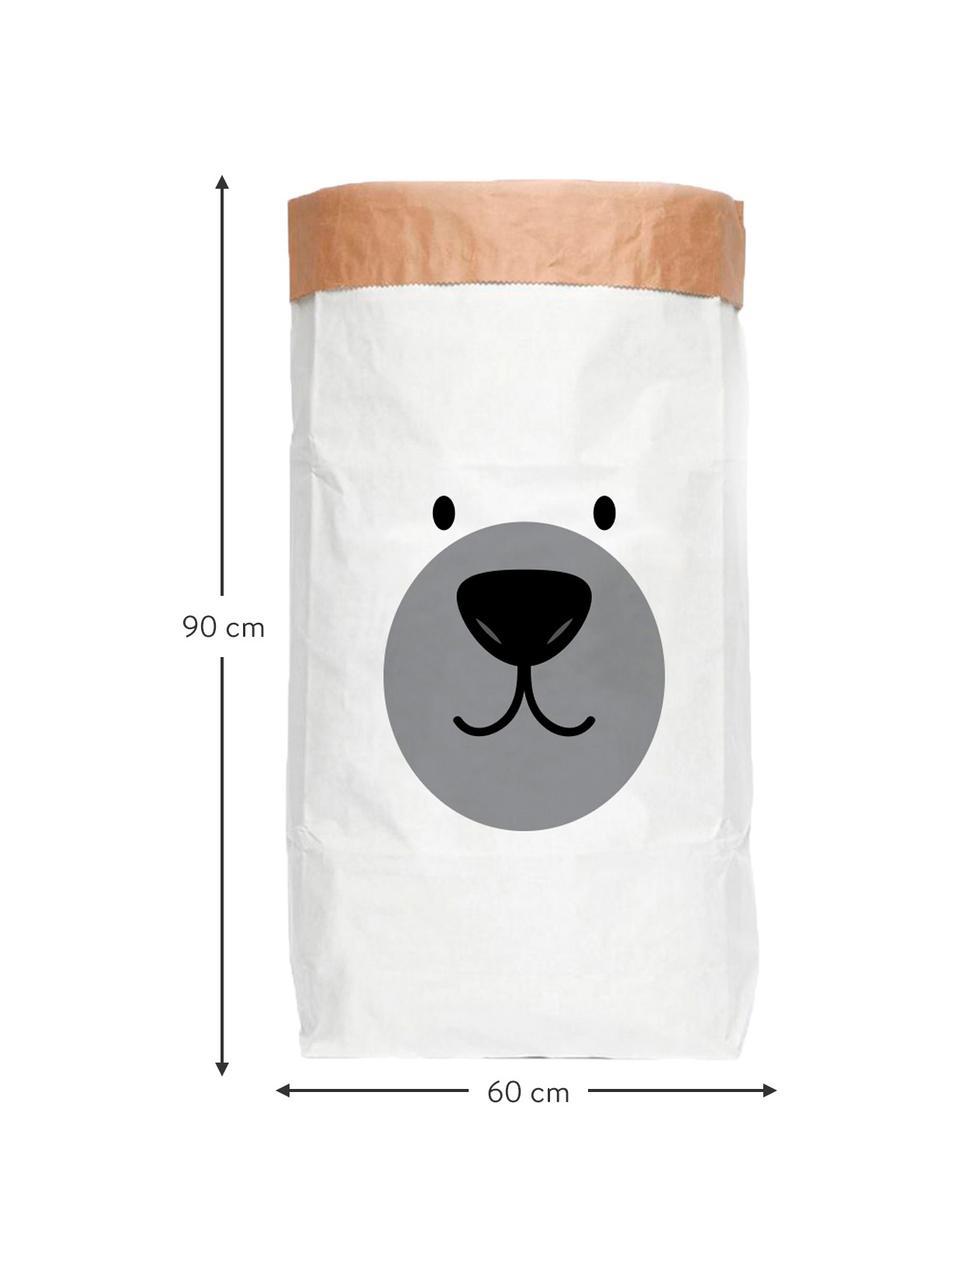 Aufbewahrungstüte Bear, Recyceltes Papier, Weiß, Schwarz, Grau, 60 x 90 cm